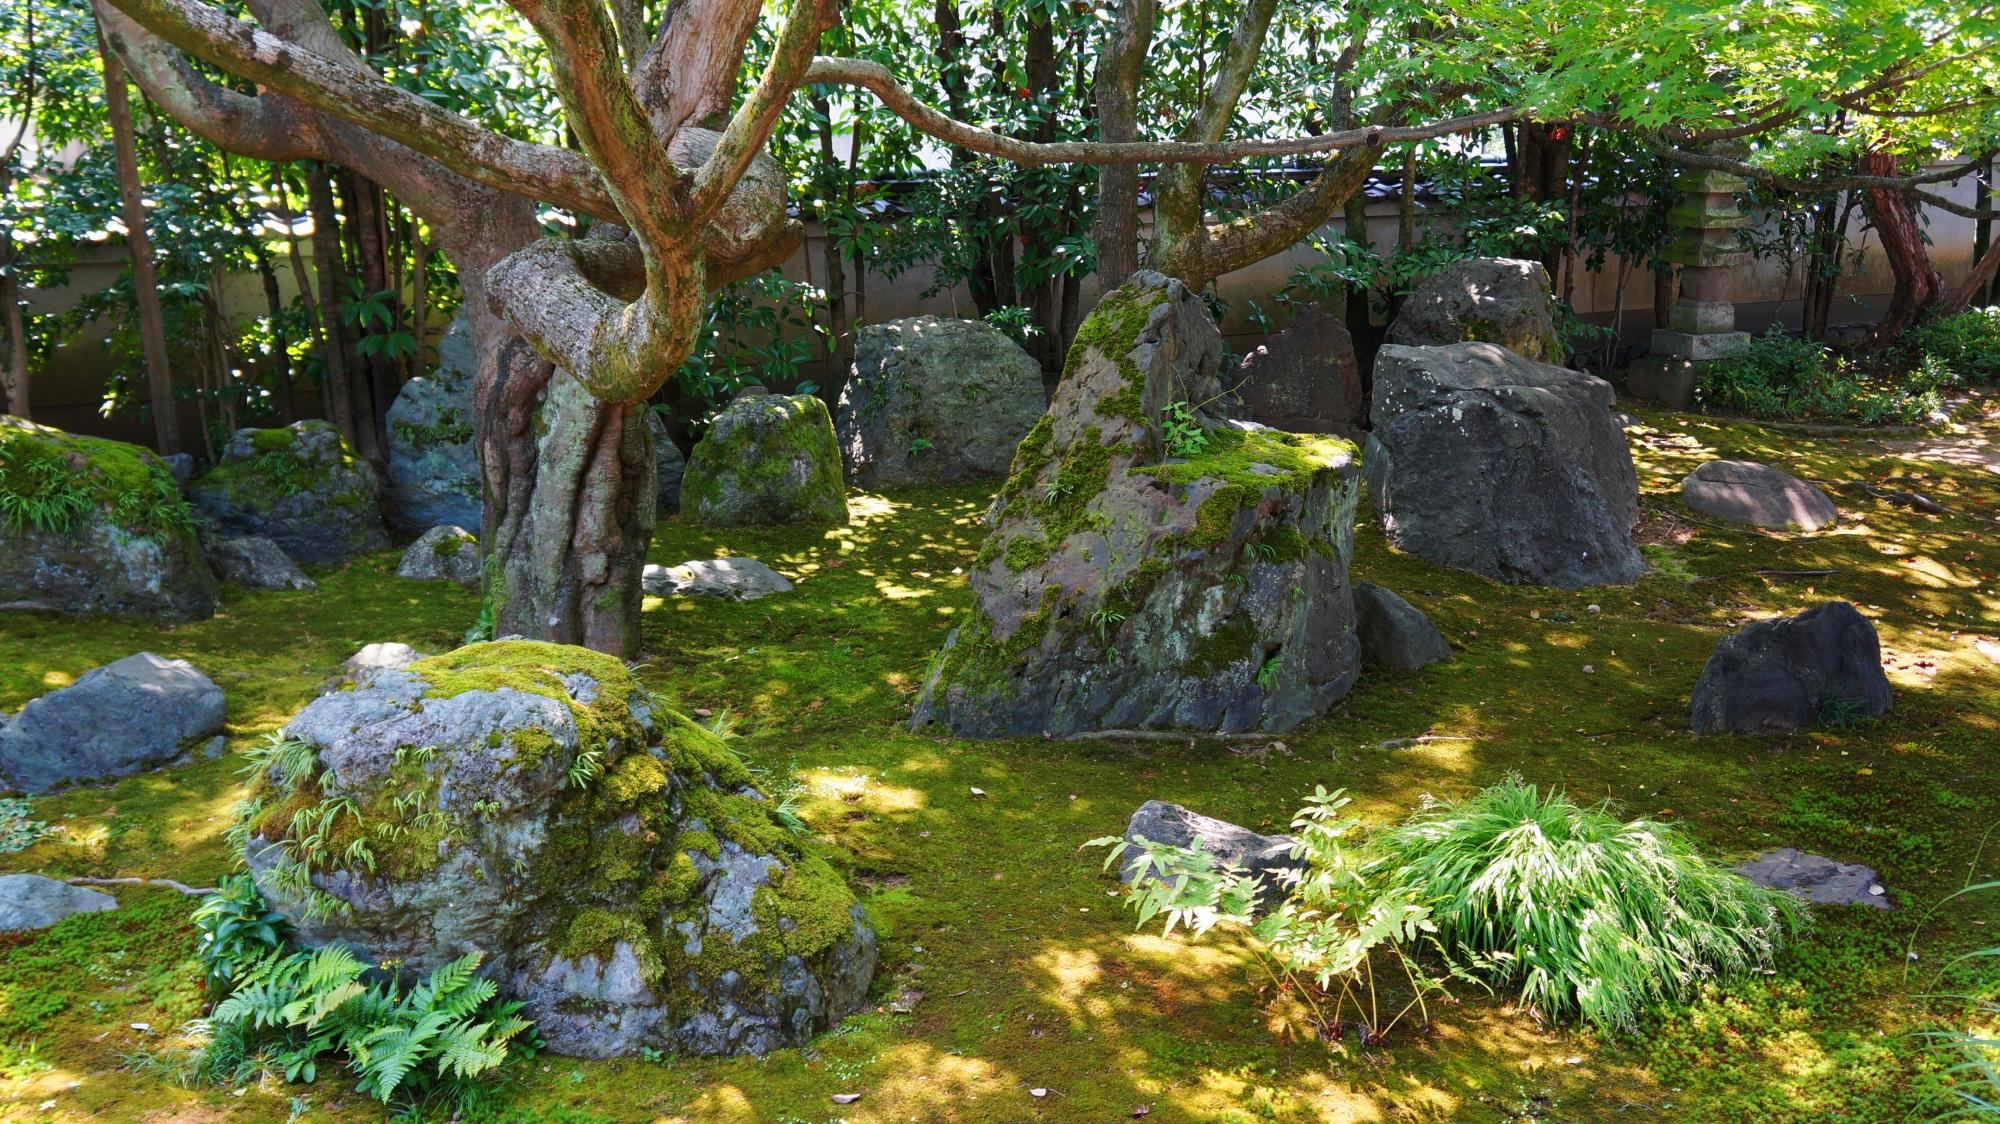 力強さの中にも風情が感じられる達磨寺の方丈庭園